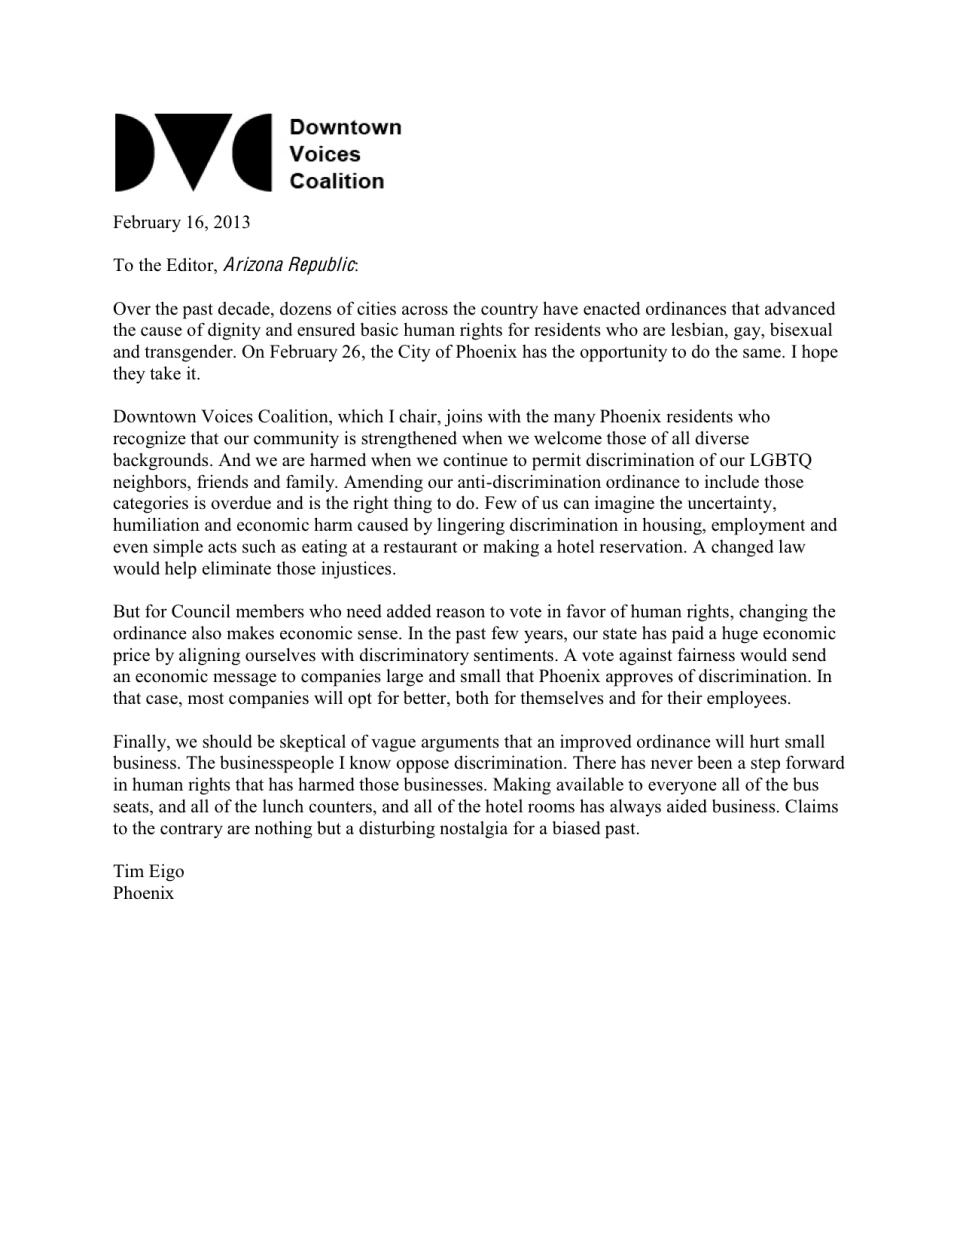 DVC AZ Republic letter re discrimination ordinance 02-16-13 final